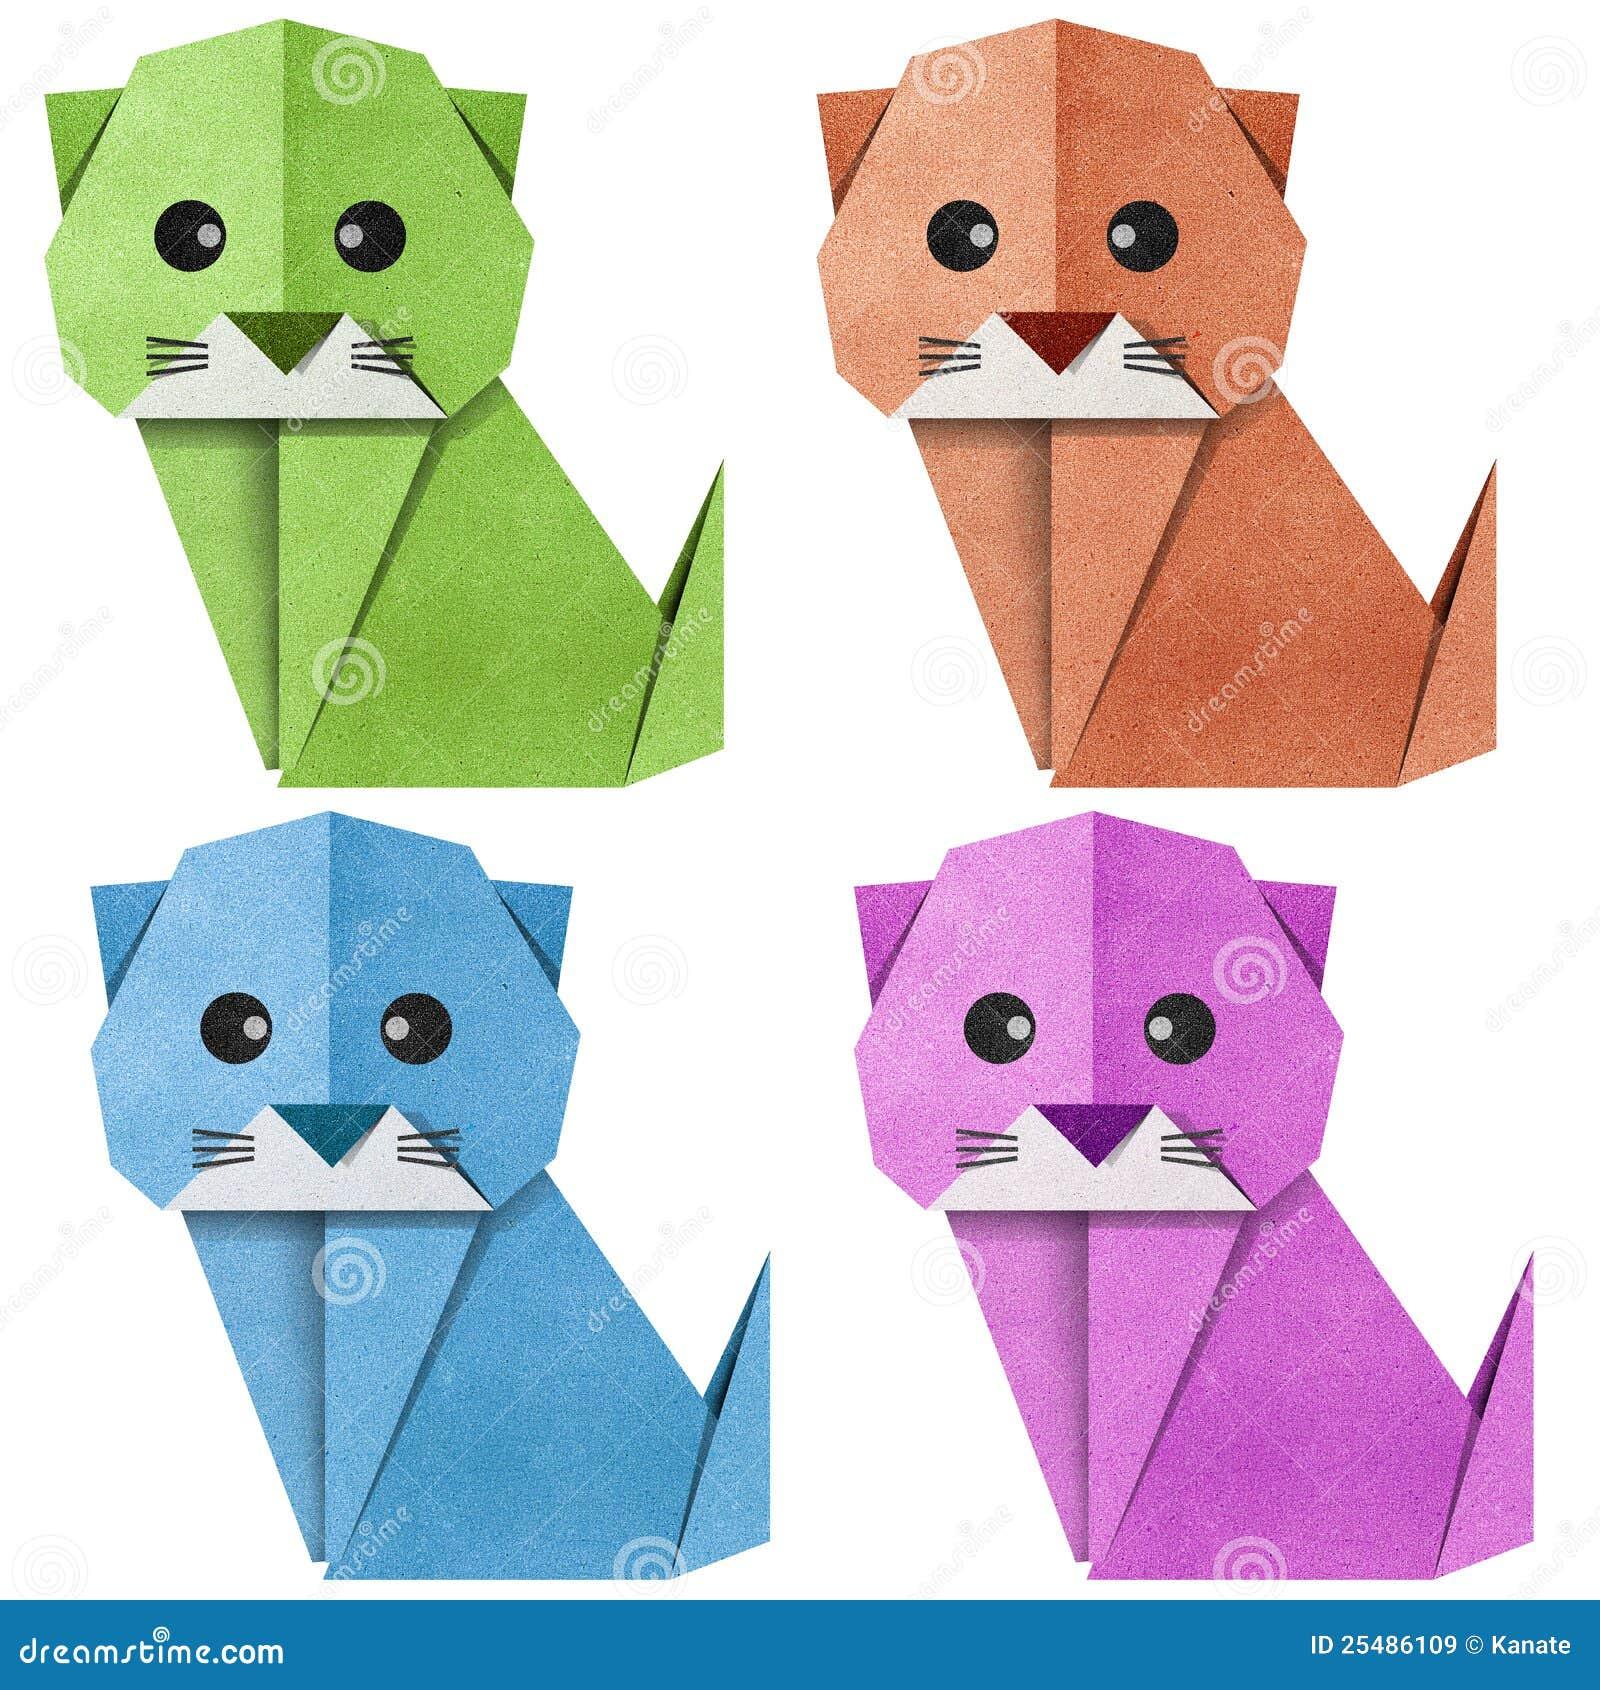 Как сделать из бумаги кошку легче